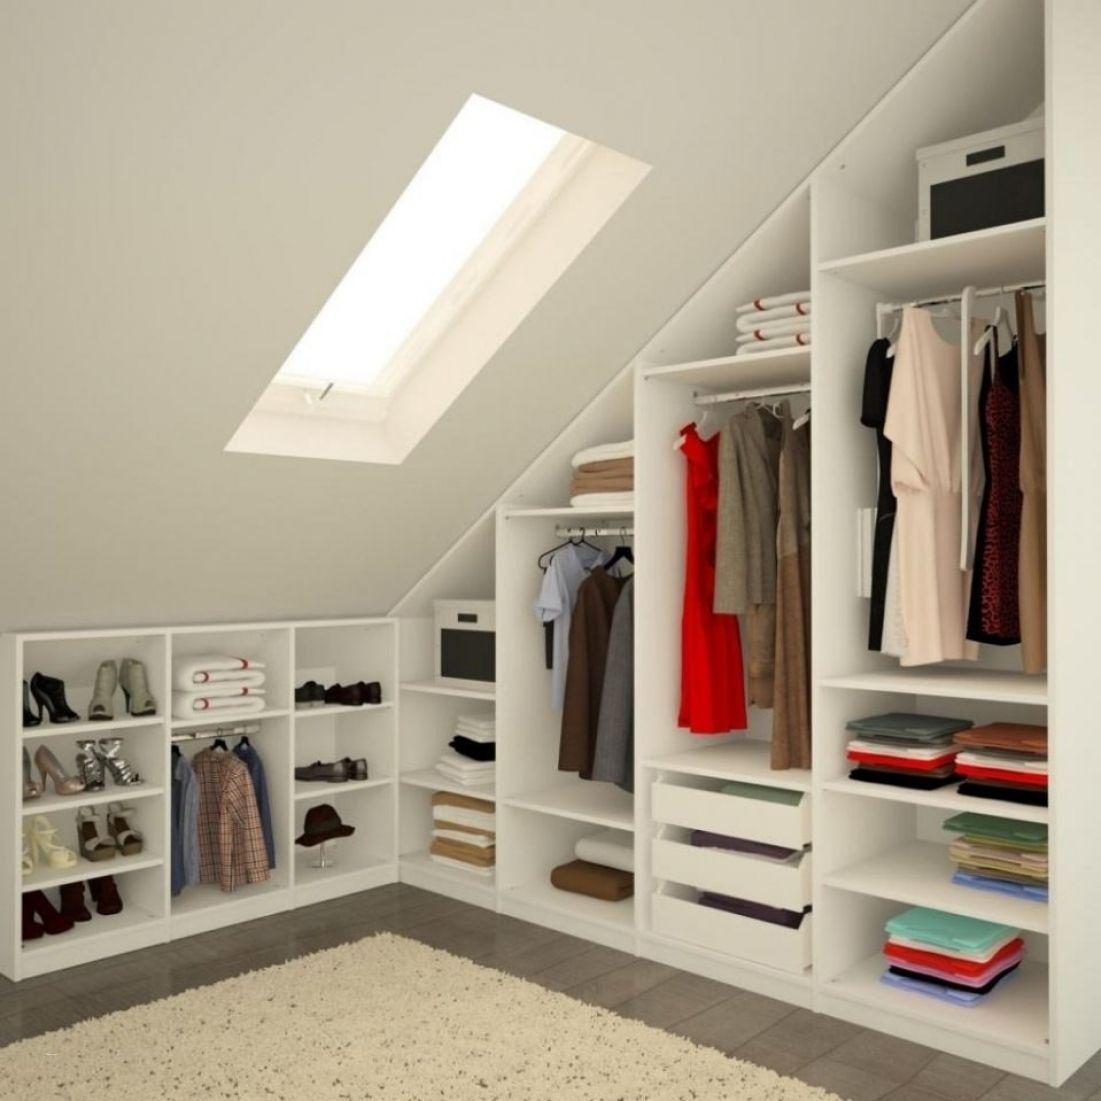 Einbauschrank Selber Bauen Dachschräge: Schrank Dachschräge Selber Bauen